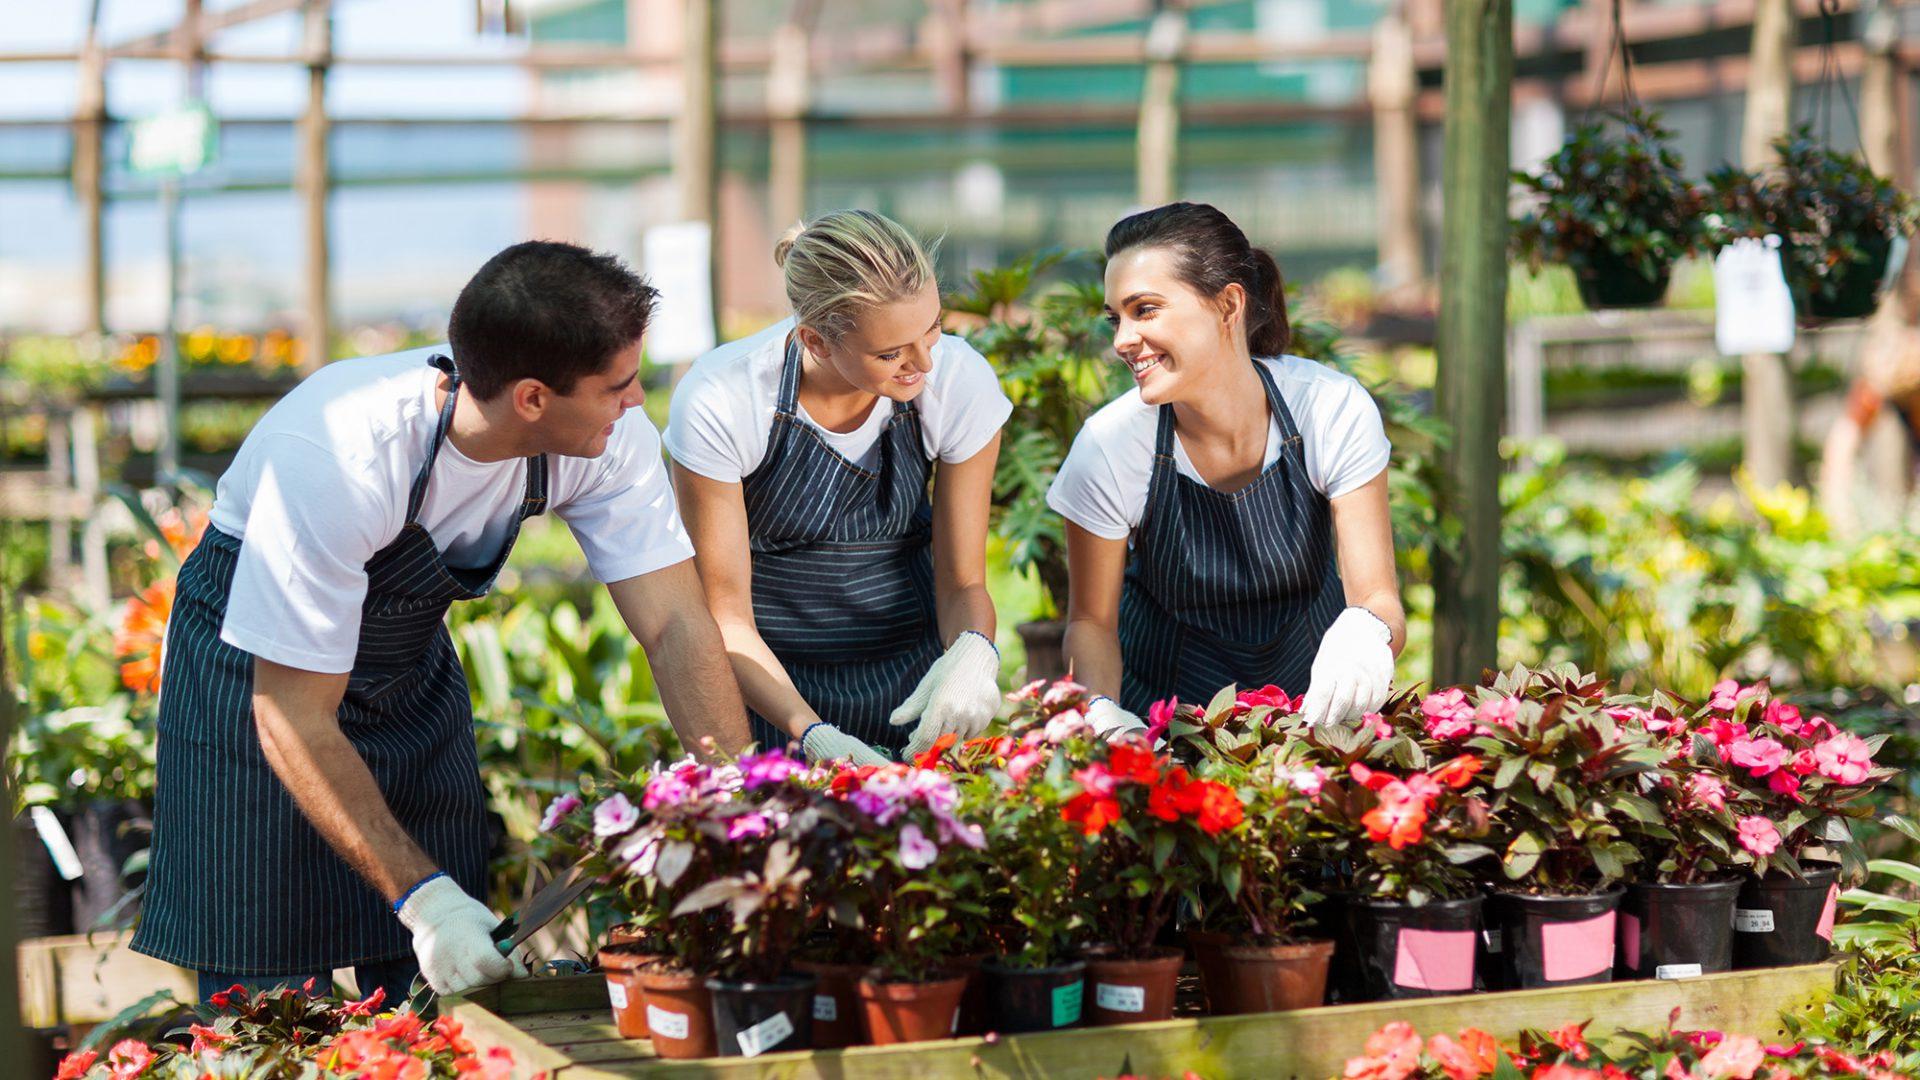 De groei en bloei van de kleine ondernemer